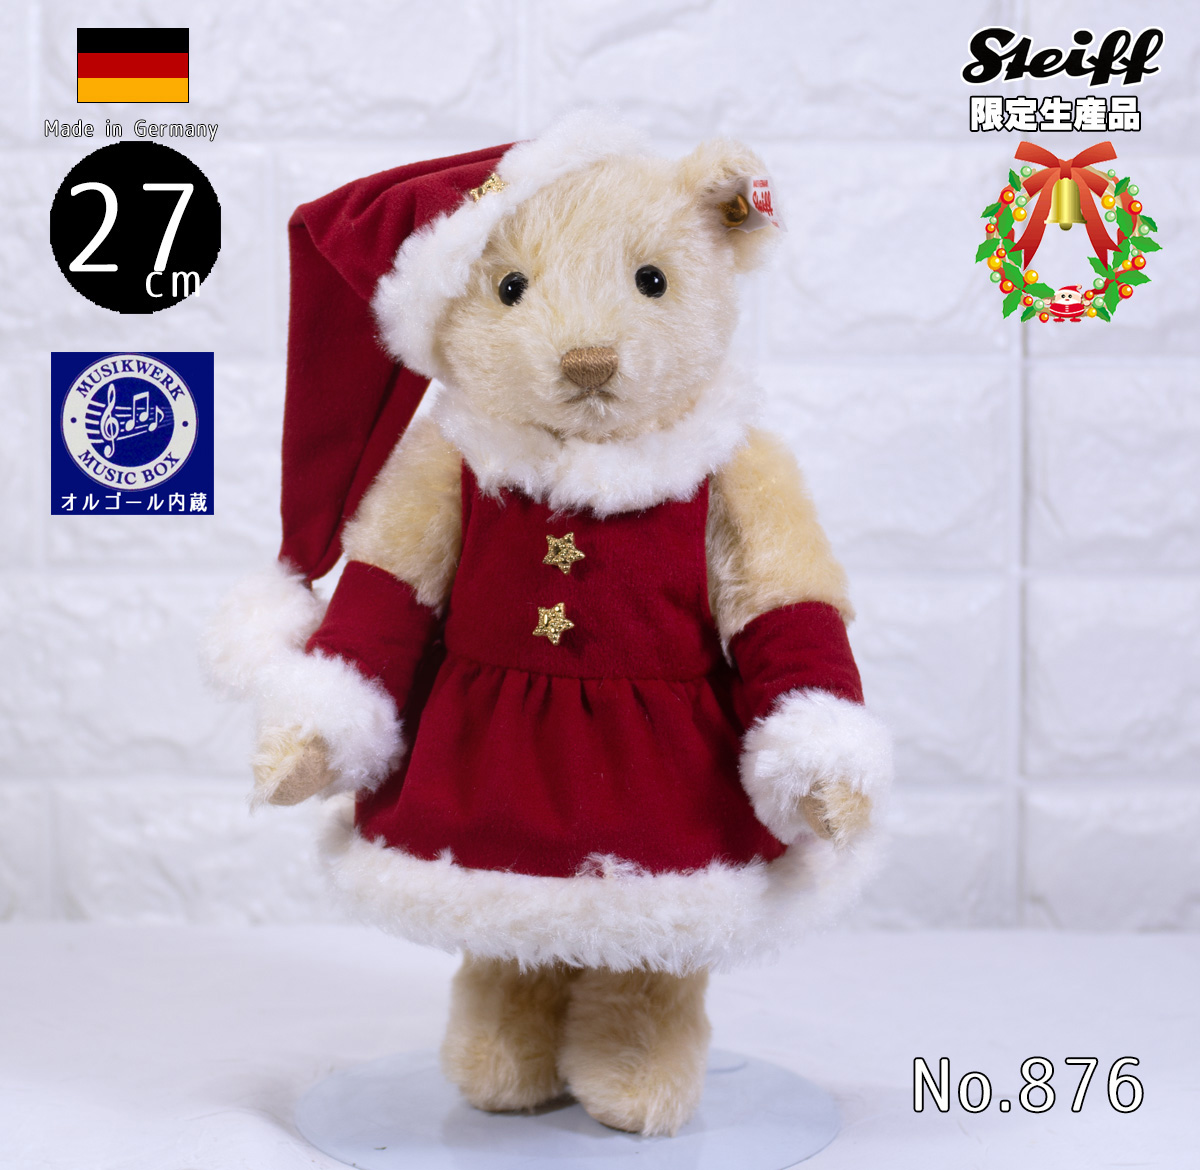 【オルゴール入り】Steiffシュタイフ 世界限定Mrs. サンタクロース テディベア(Mrs. Santa Claus Teddy bear) テディベア プレゼント リアル ぬいぐるみ クリスマス